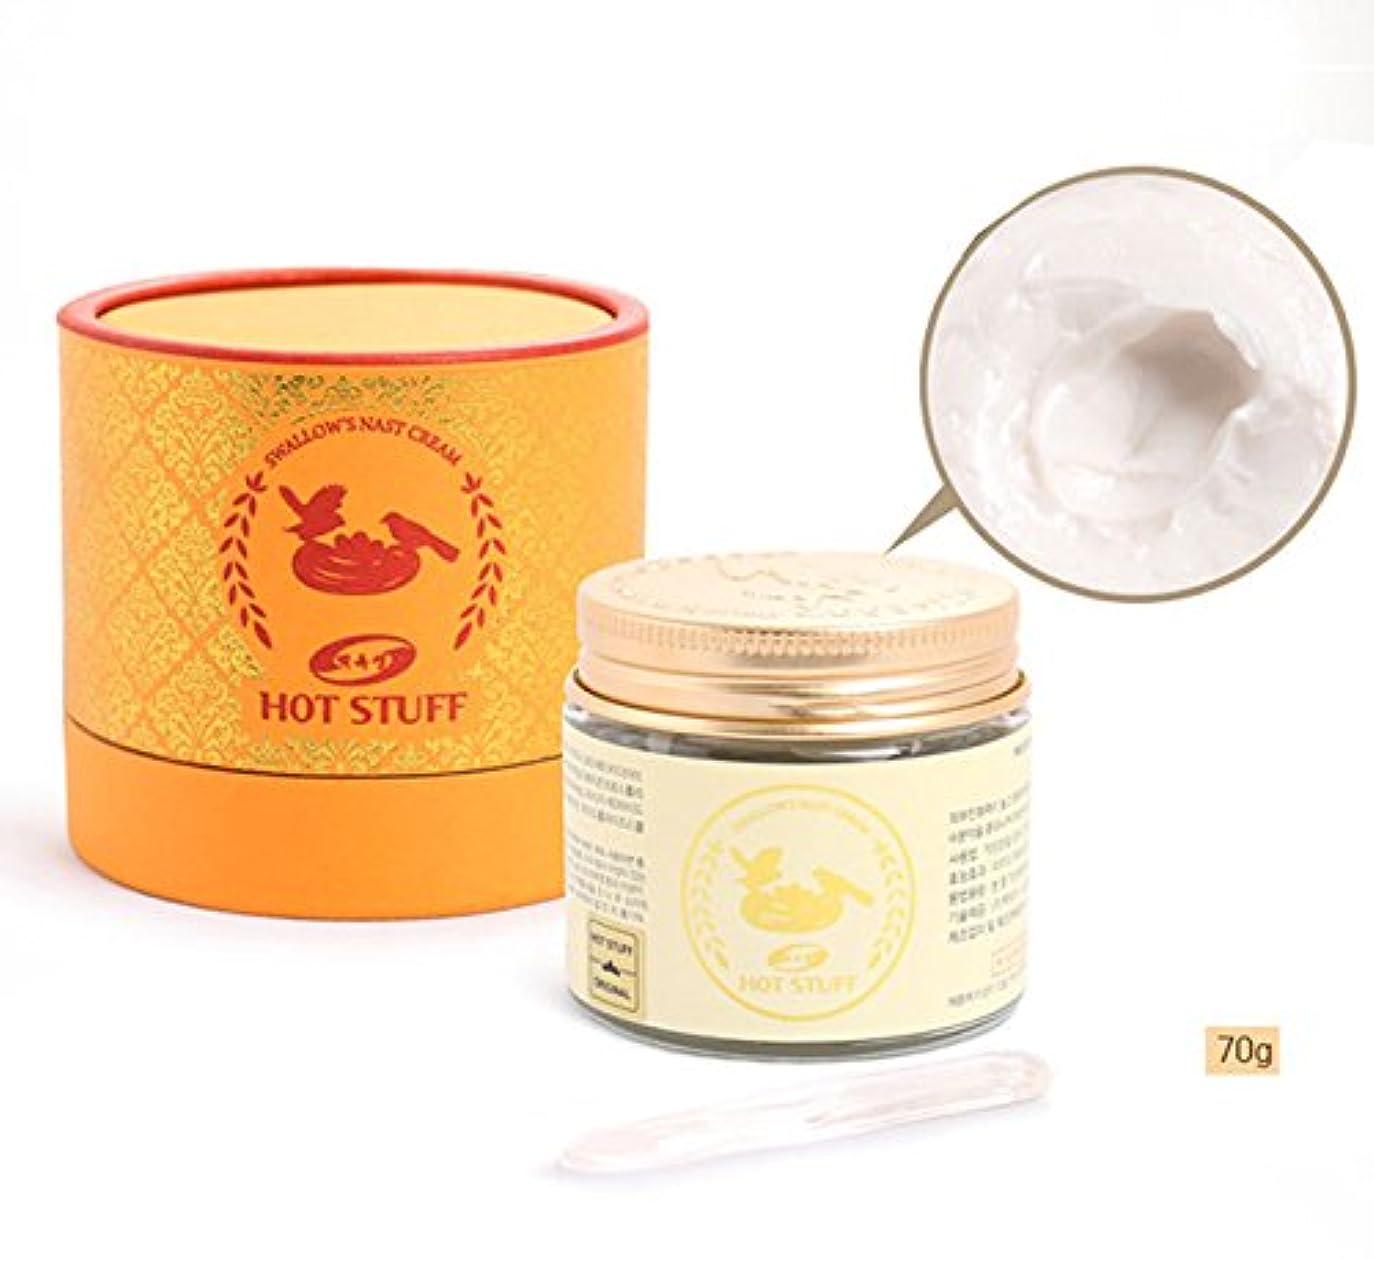 忘れられないごみフットボール[Hot Stuff] スワローズネストクリーム70g/弾力、潤い/韓国化粧品/Swallow's Nest Cream 70g/elasticity, moisturizes/Korean Cosmetics [並行輸入品]